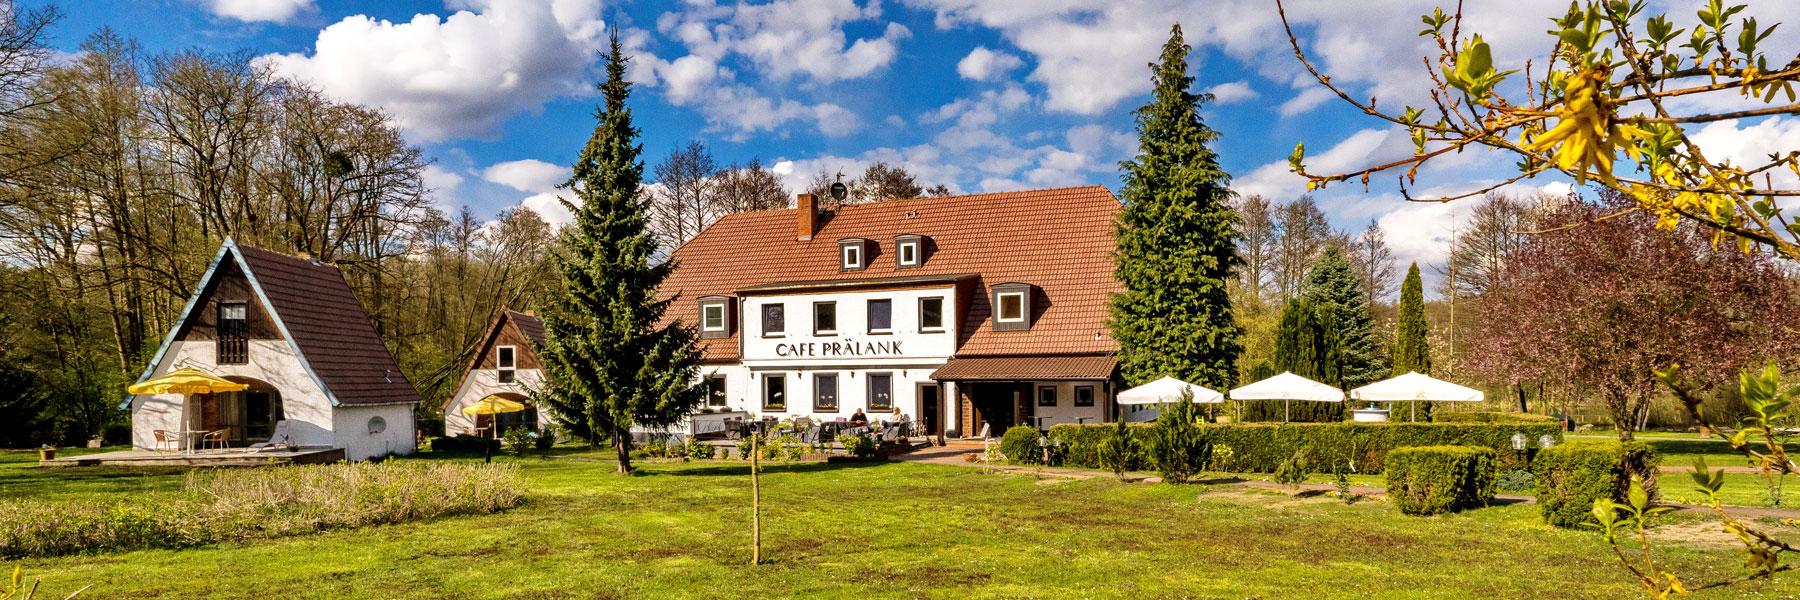 Außenansicht - Landhotel & Café Prälank